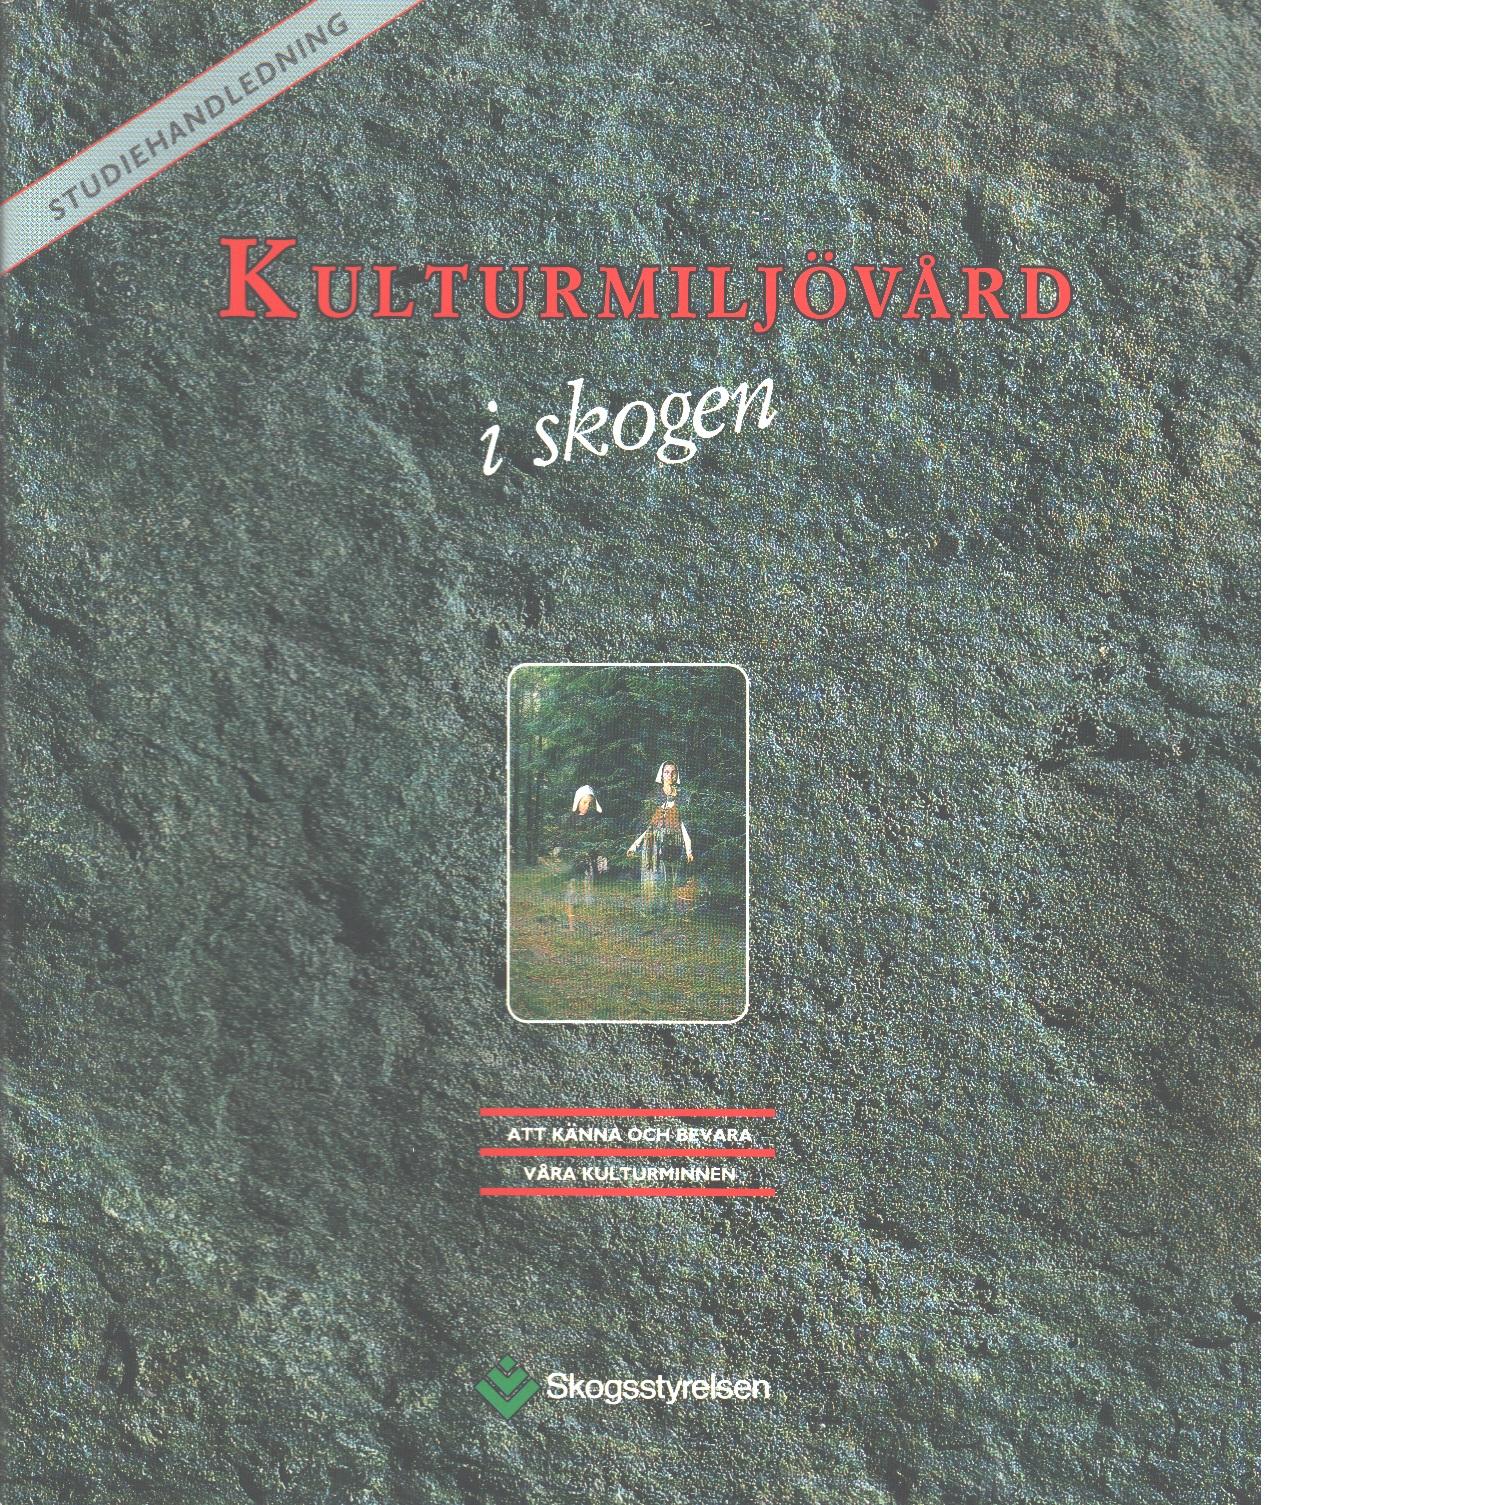 Kulturmiljövård i skogen : att känna och bevara våra kulturminnen - Red.